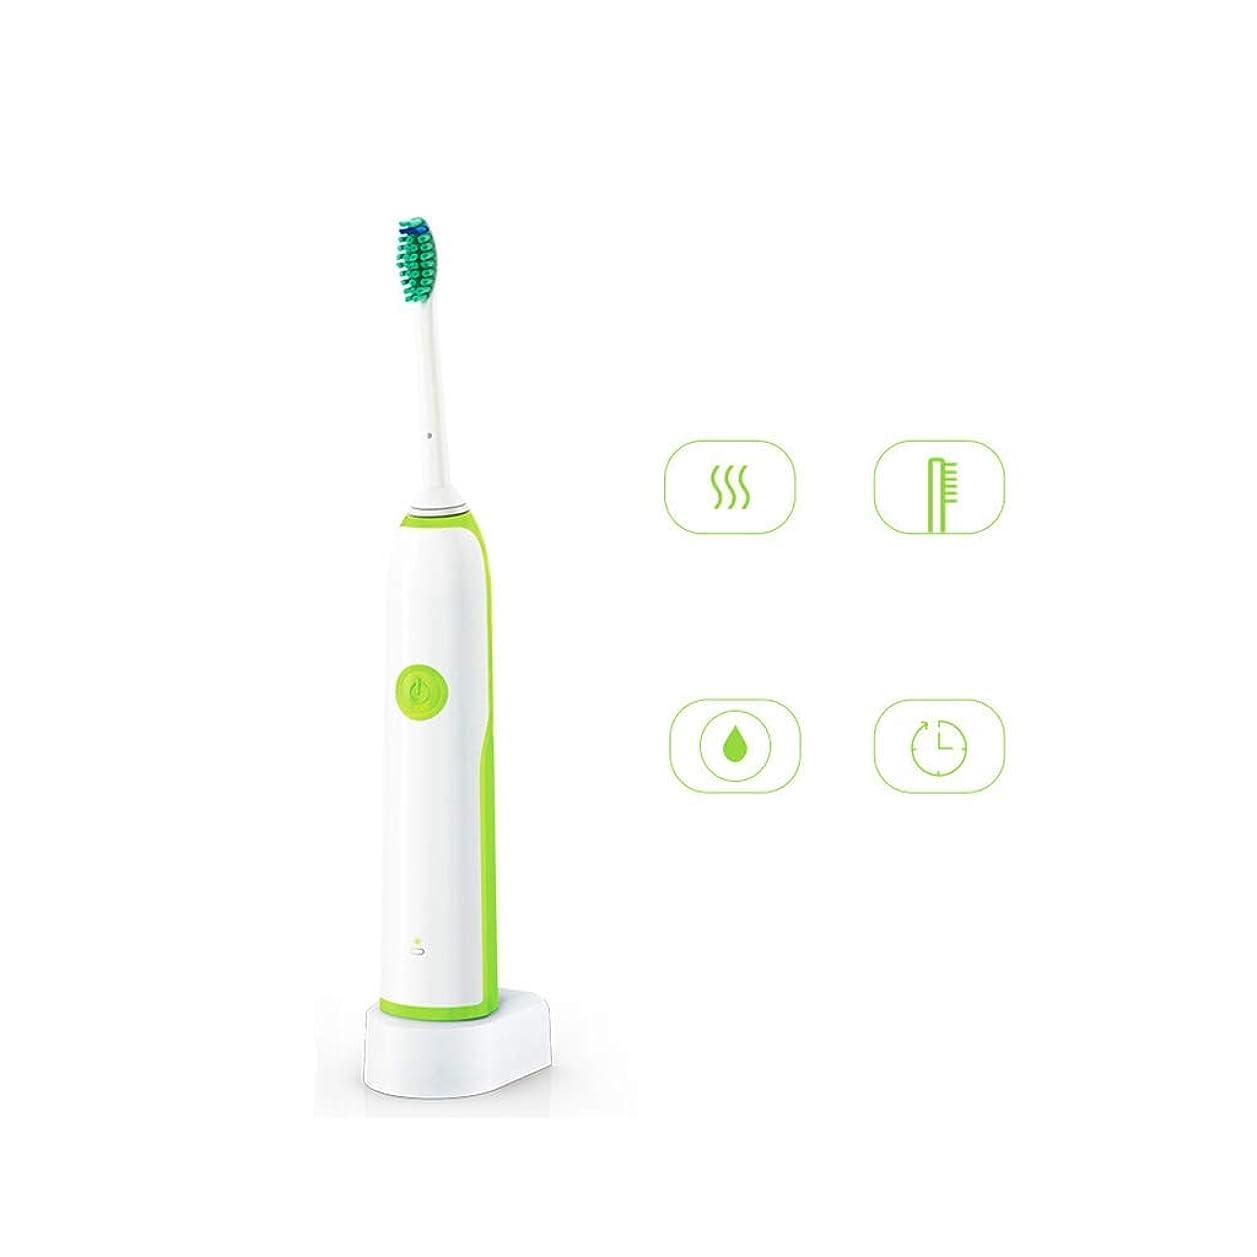 簿記係ドラッグ副電動歯ブラシ 軽度で刺激のない電子歯ブラシ3Dプロフェッショナルデュポンブラシスマートソニック歯ブラシ (色 : 緑)